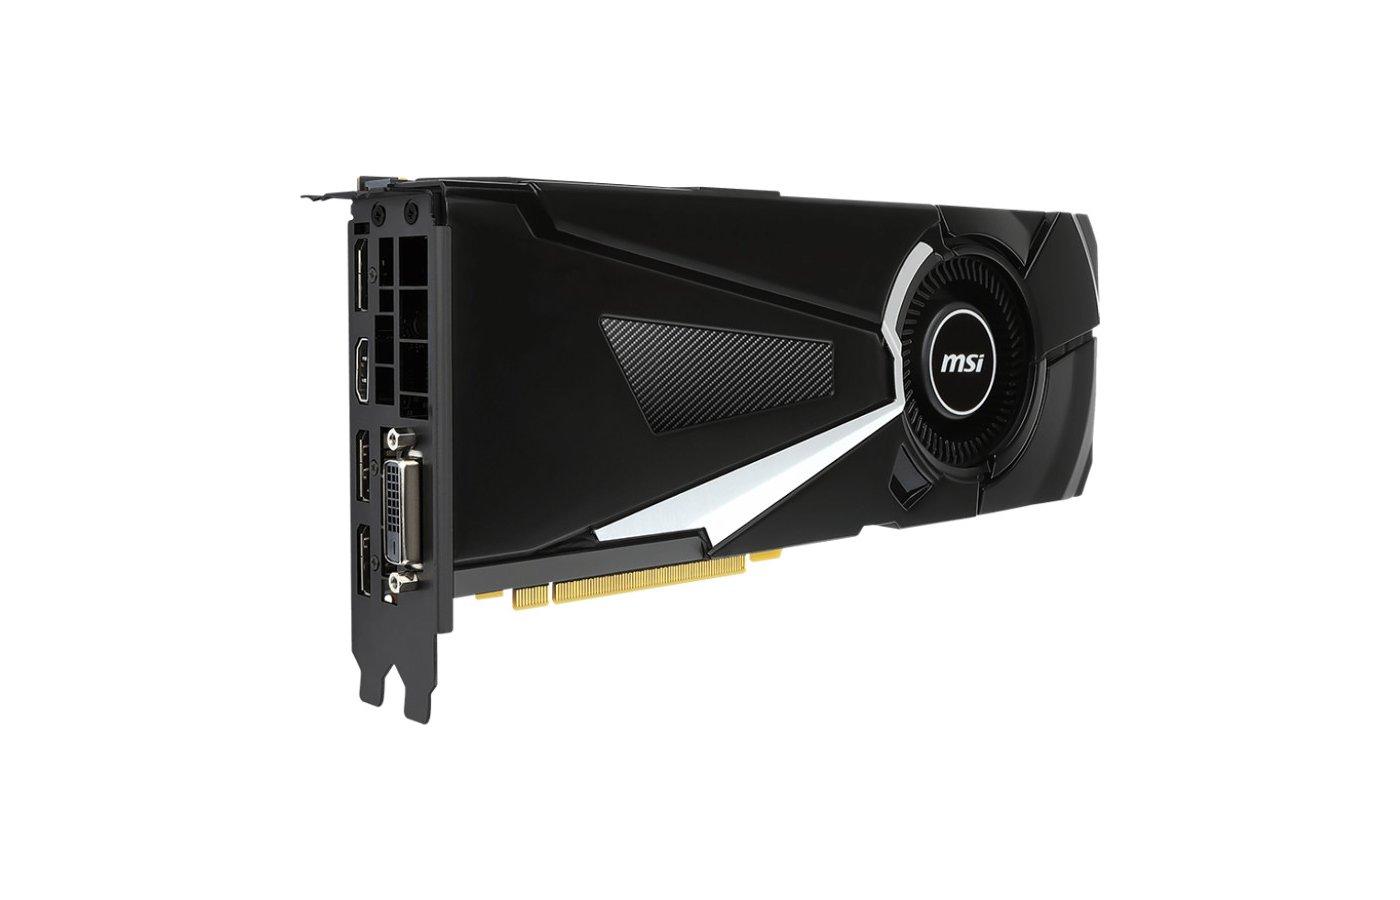 Видеокарта MSI PCI-E GTX 1080 AERO 8G OC nVidia GeForce GTX 1080 8192Mb 256bit Ret